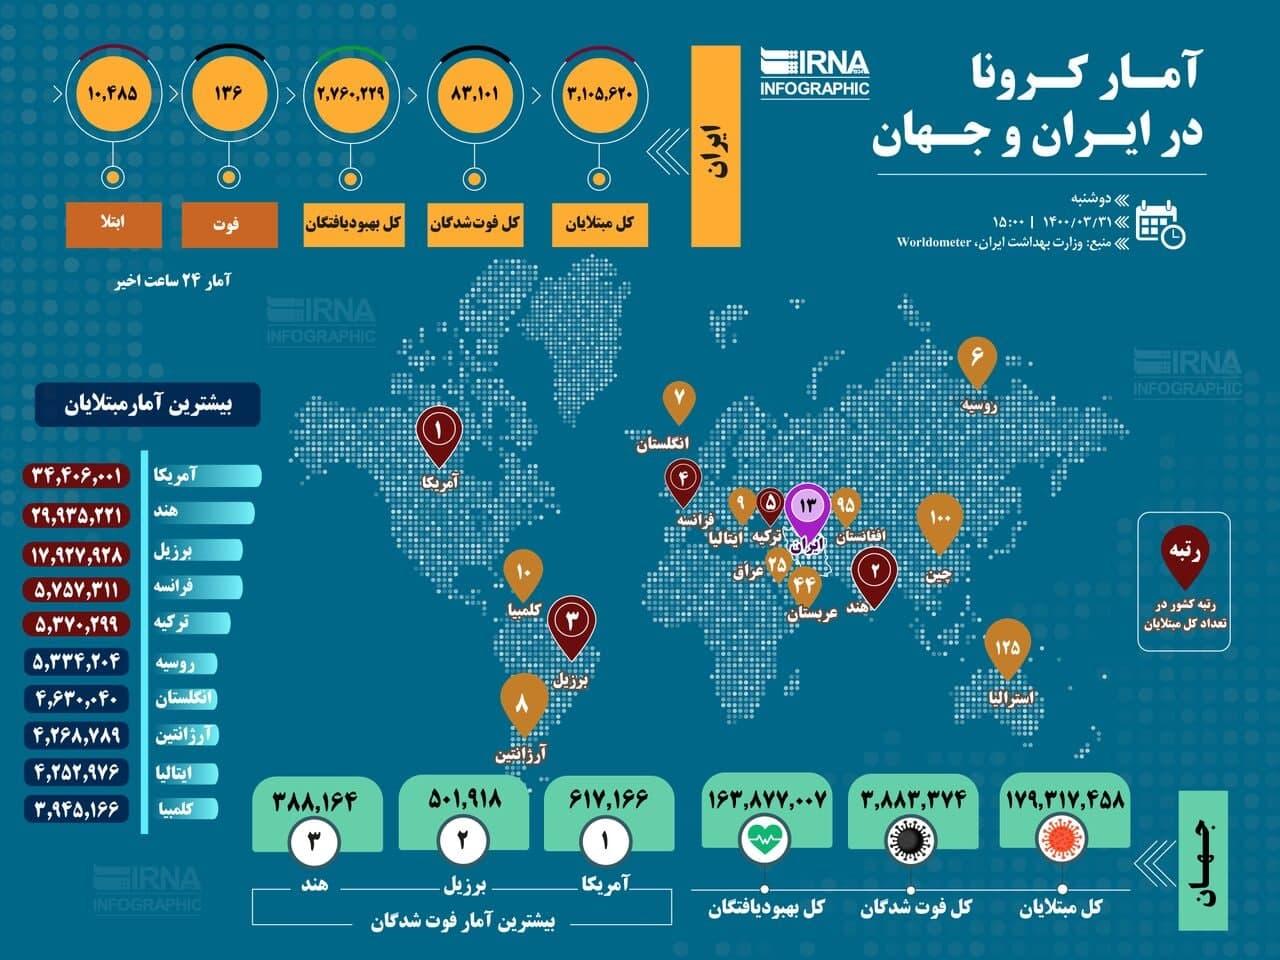 آمار کرونا در ایران و جهان ۱۴۰۰/۰۳/۳۱/ (اینفوگرافیک)